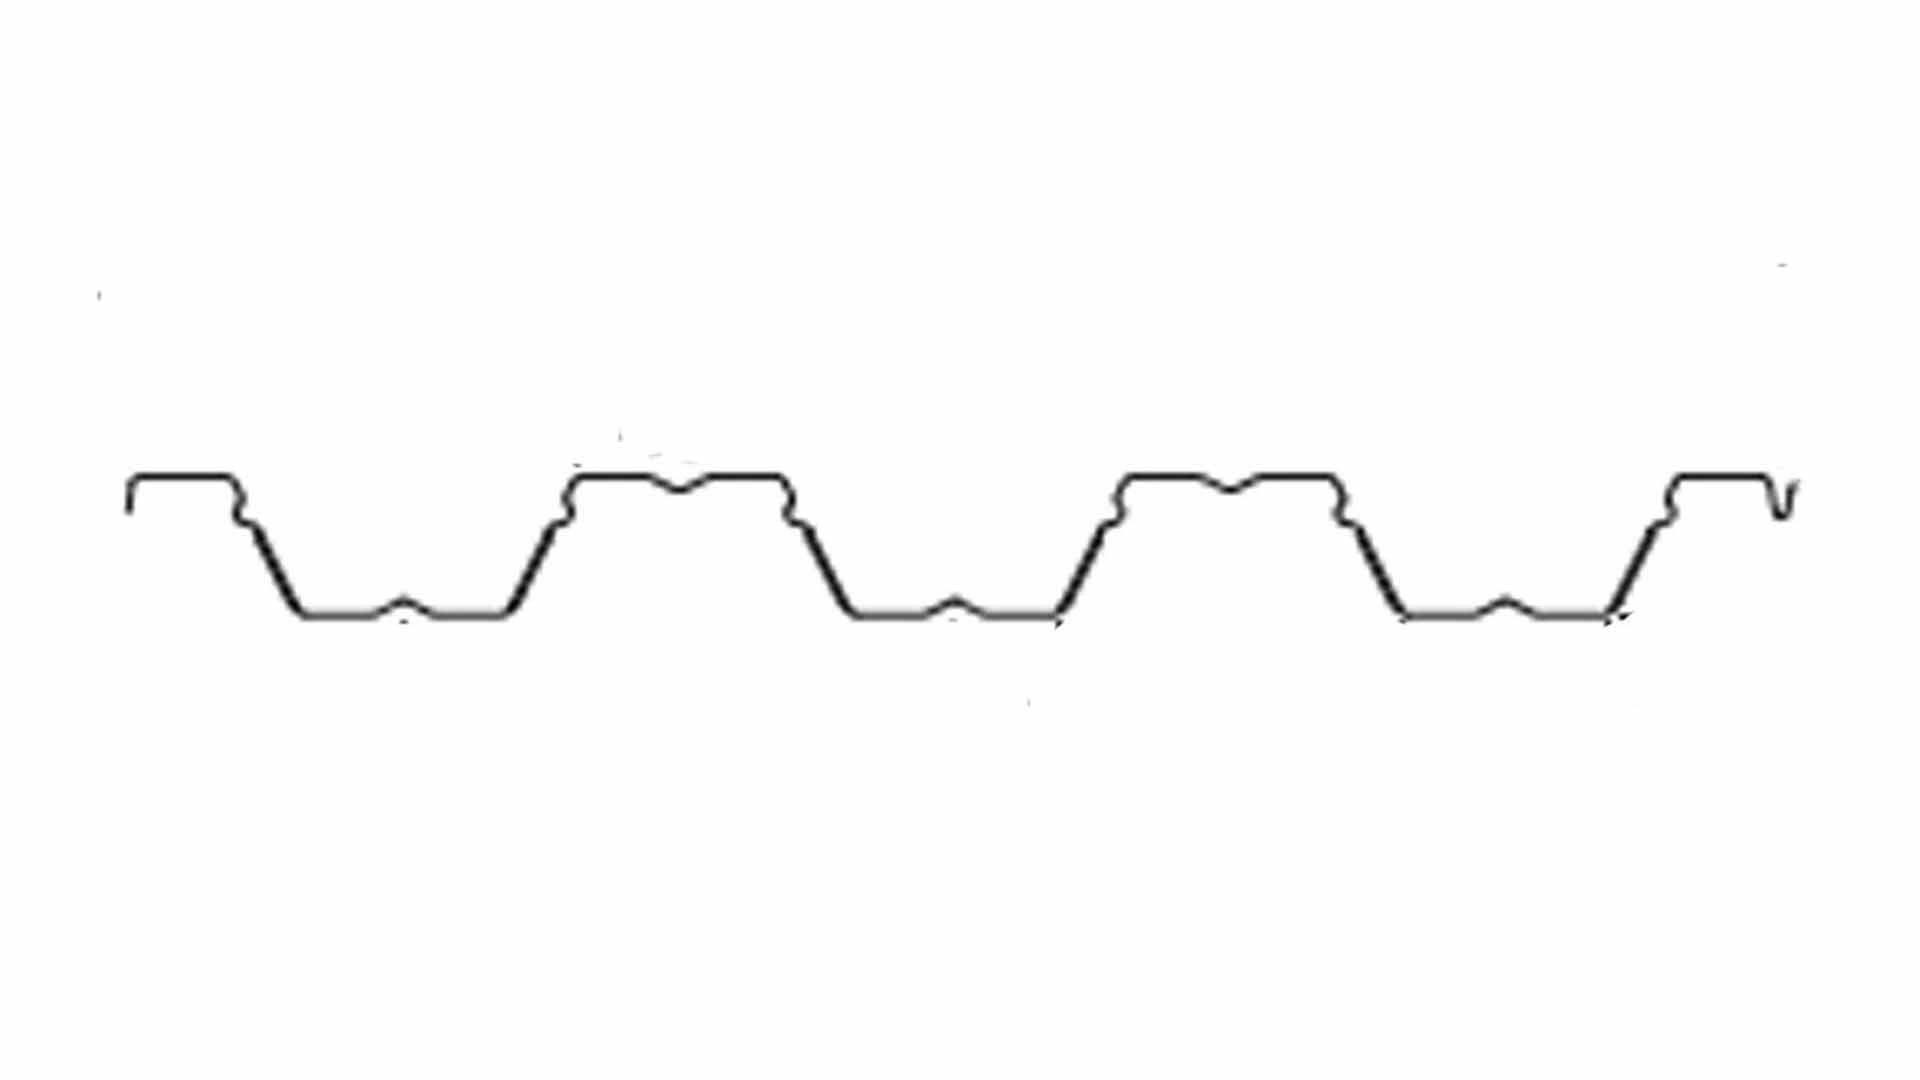 inverted-reversed-metal-deck-line-drawing-3